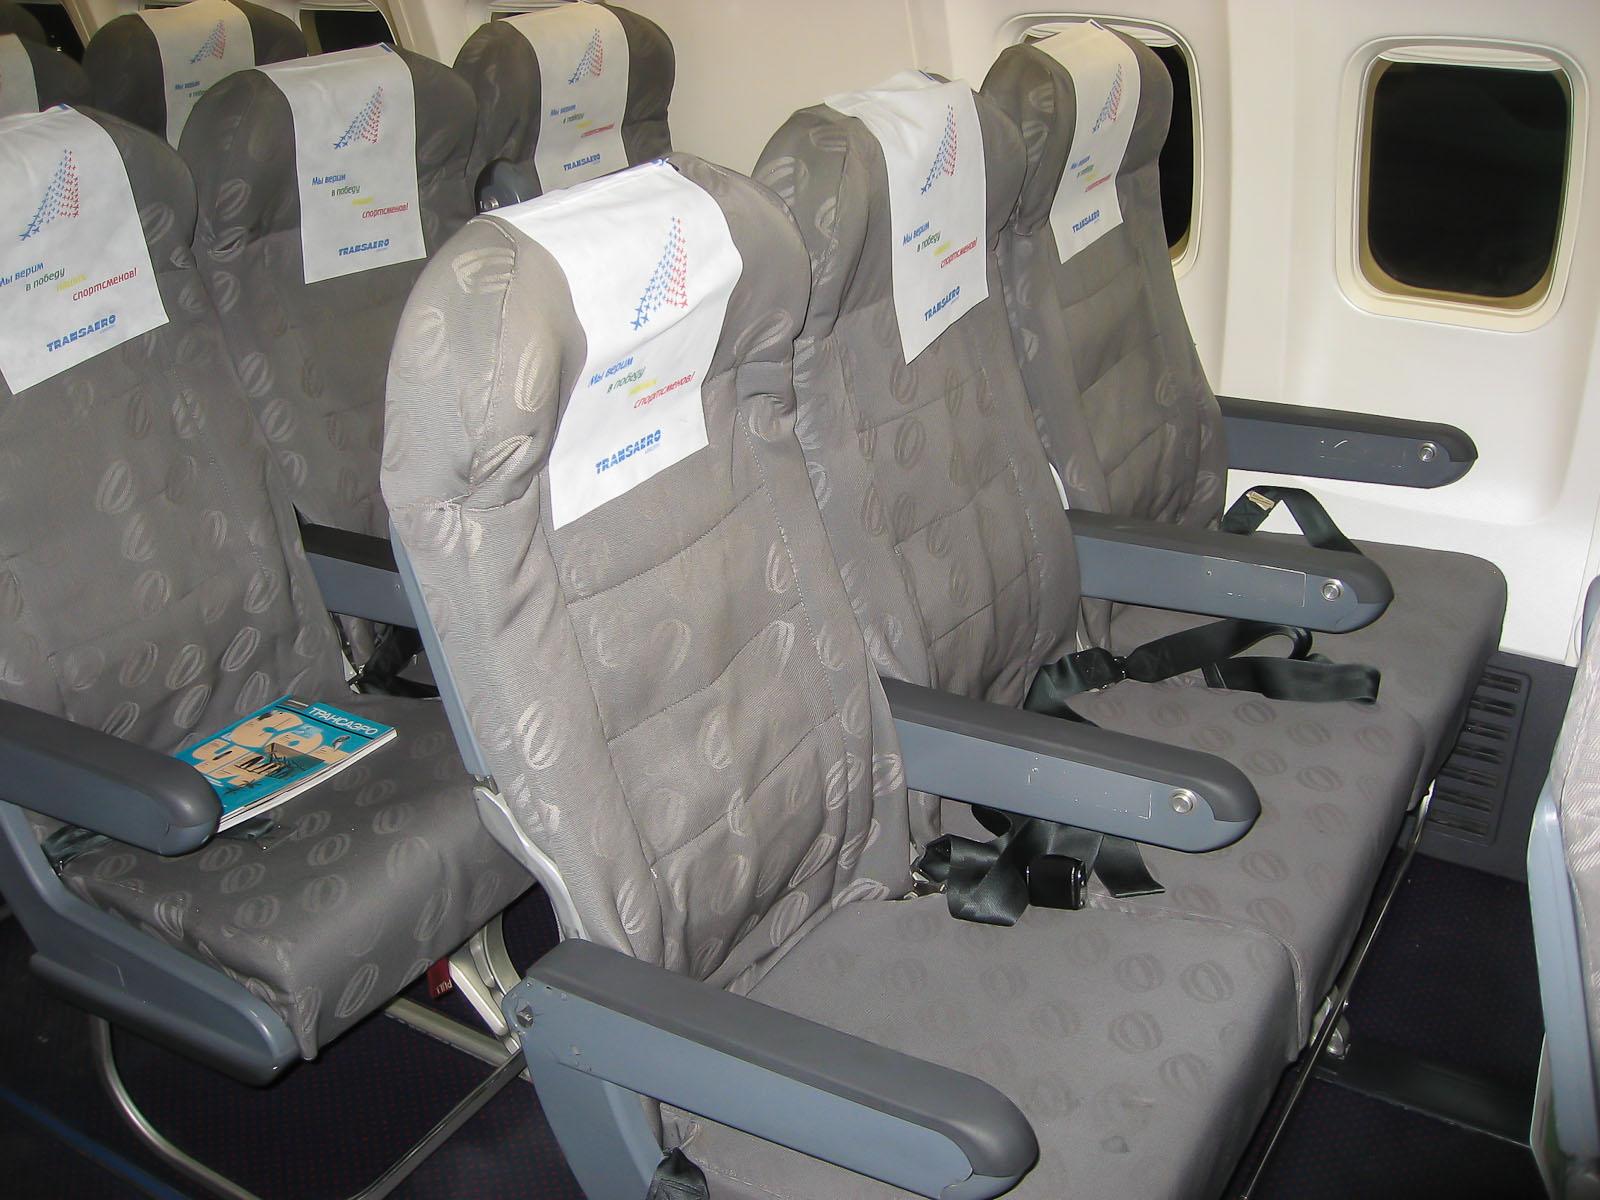 Кресла экономического класса в самолете Боинг-737-700 EI-RUL авиакомпании Трансаэро